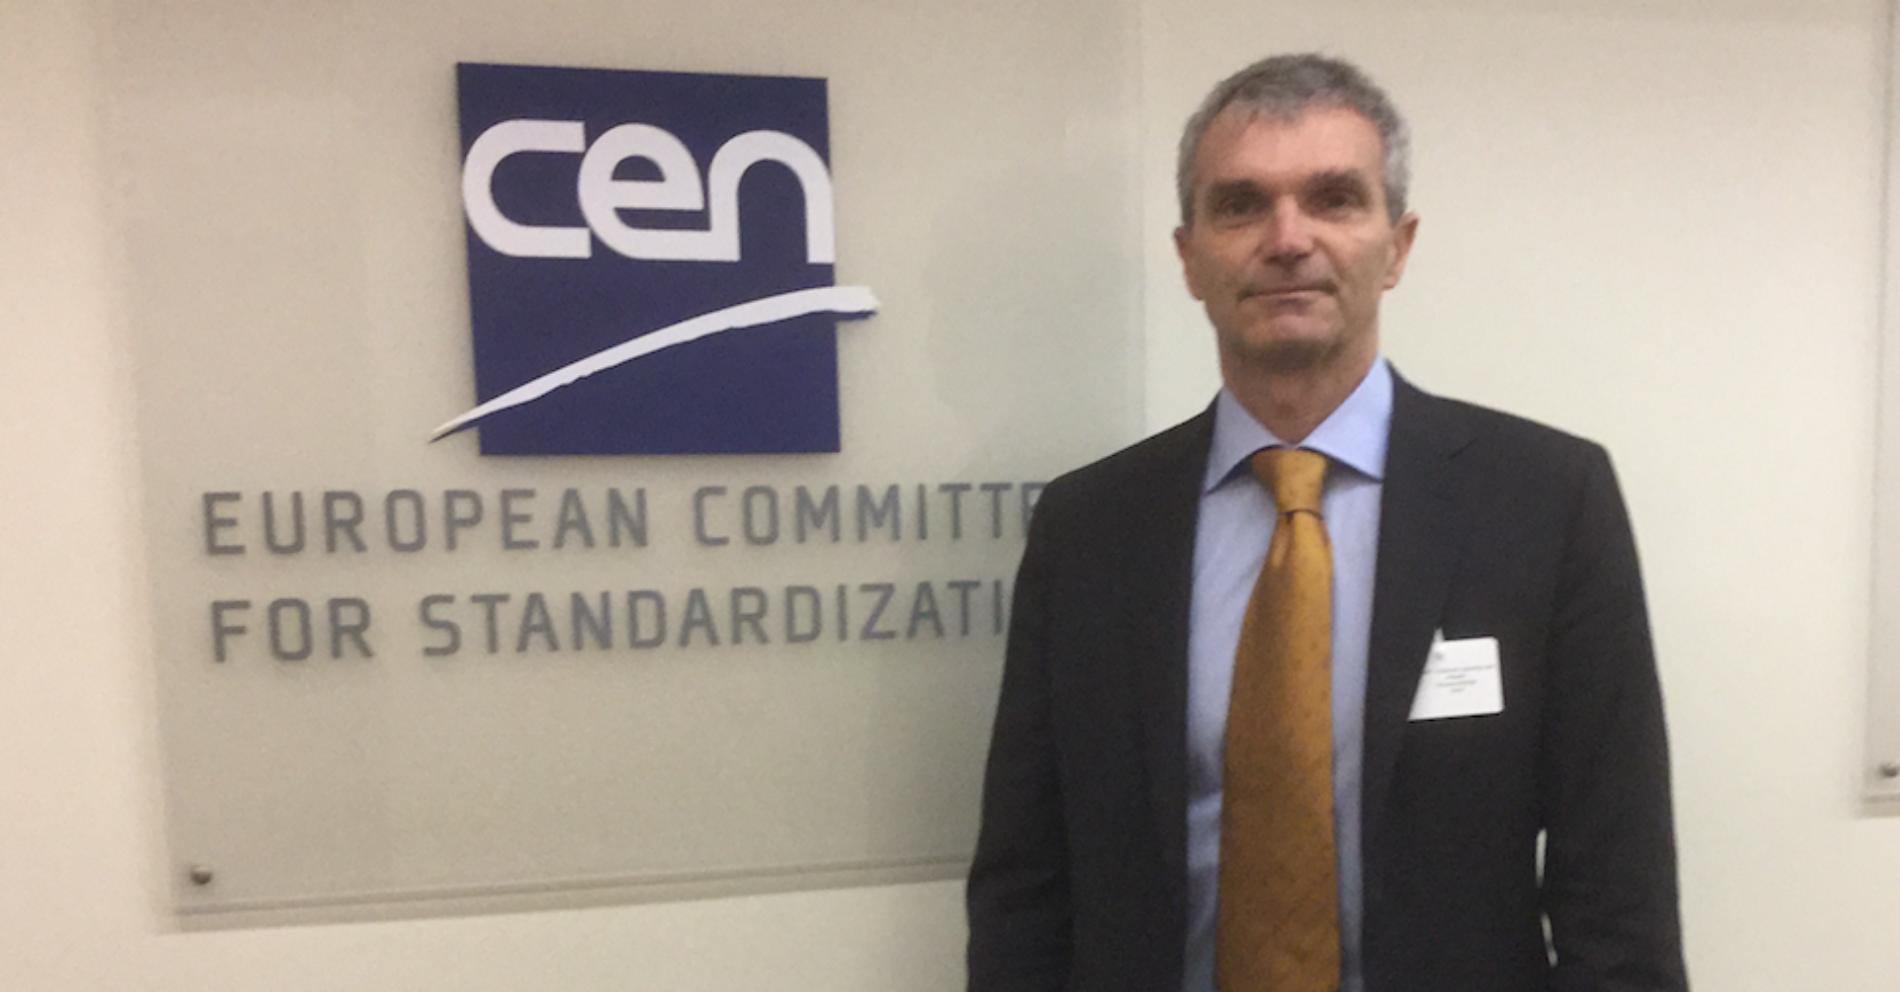 Comitato Europeo di Normazione: il prof. Riccardo Polosa eletto presidente del gruppo di lavoro sugli standard per le emissioni delle e-cig